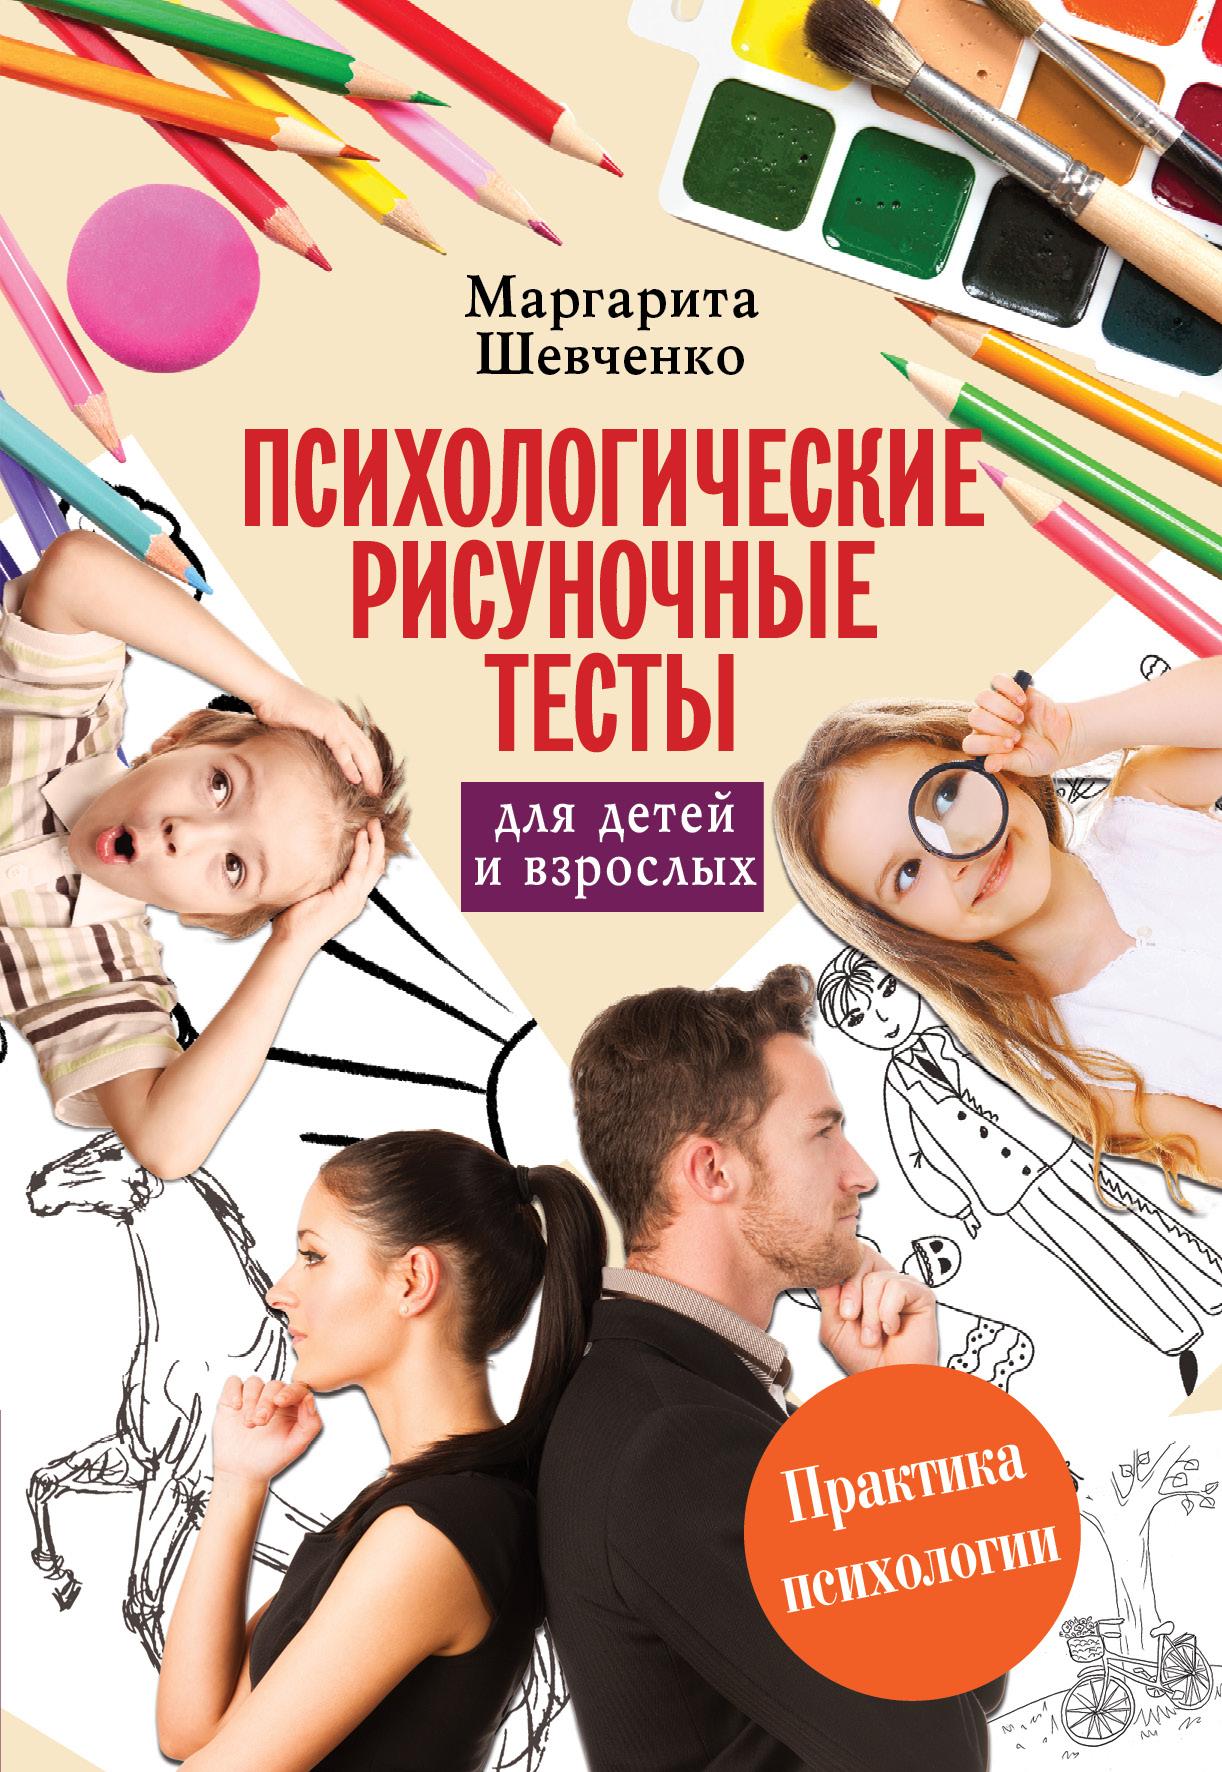 Шевченко Маргарита Психологические рисуночные тесты для детей и взрослых